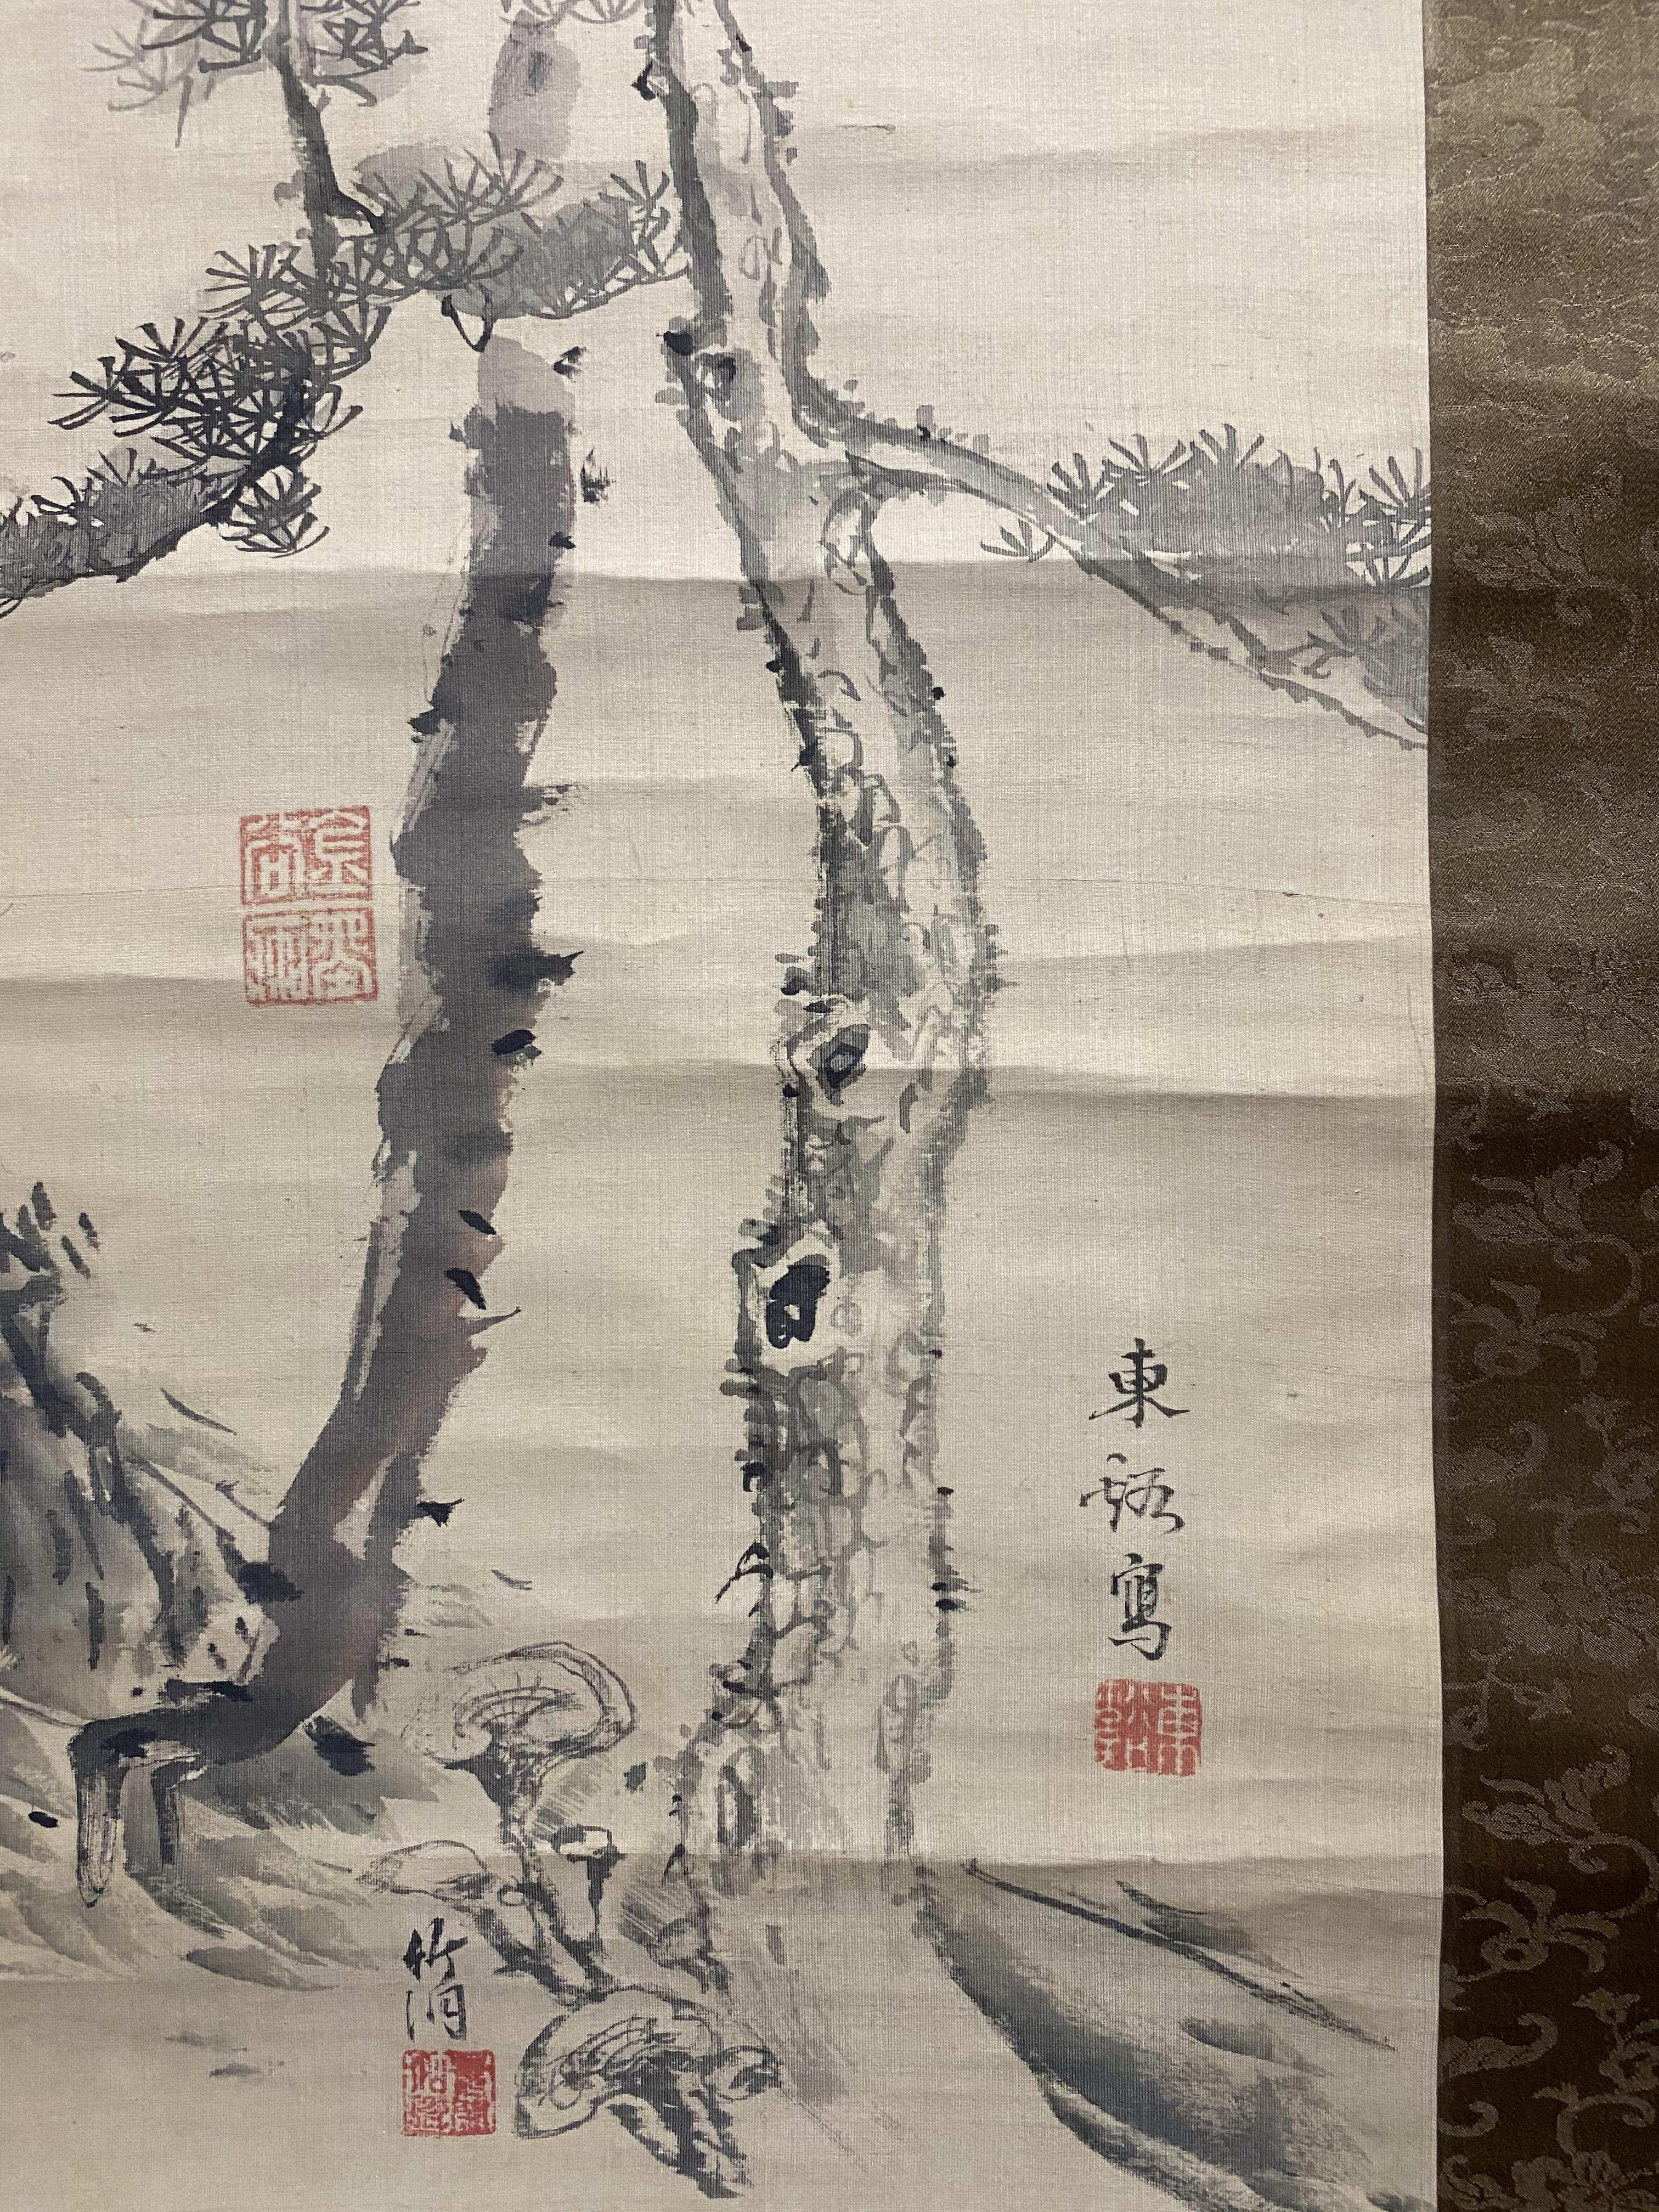 中林竹洞、横井金谷、青生東谿 合作 双松霊芝図